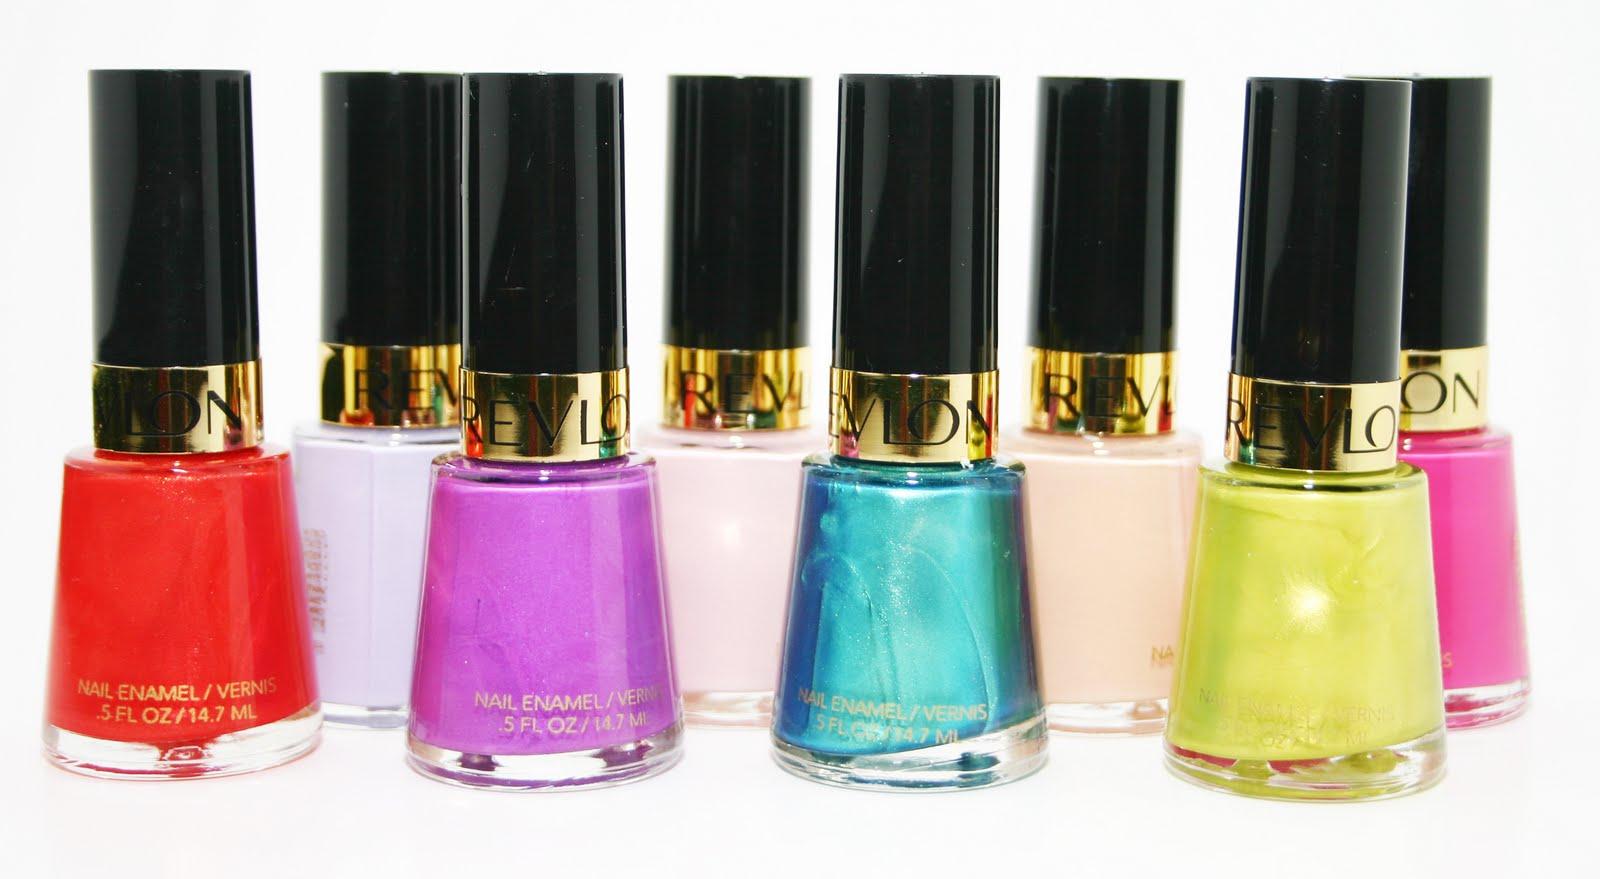 10 Marcas de lujo de esmaltes de uñas